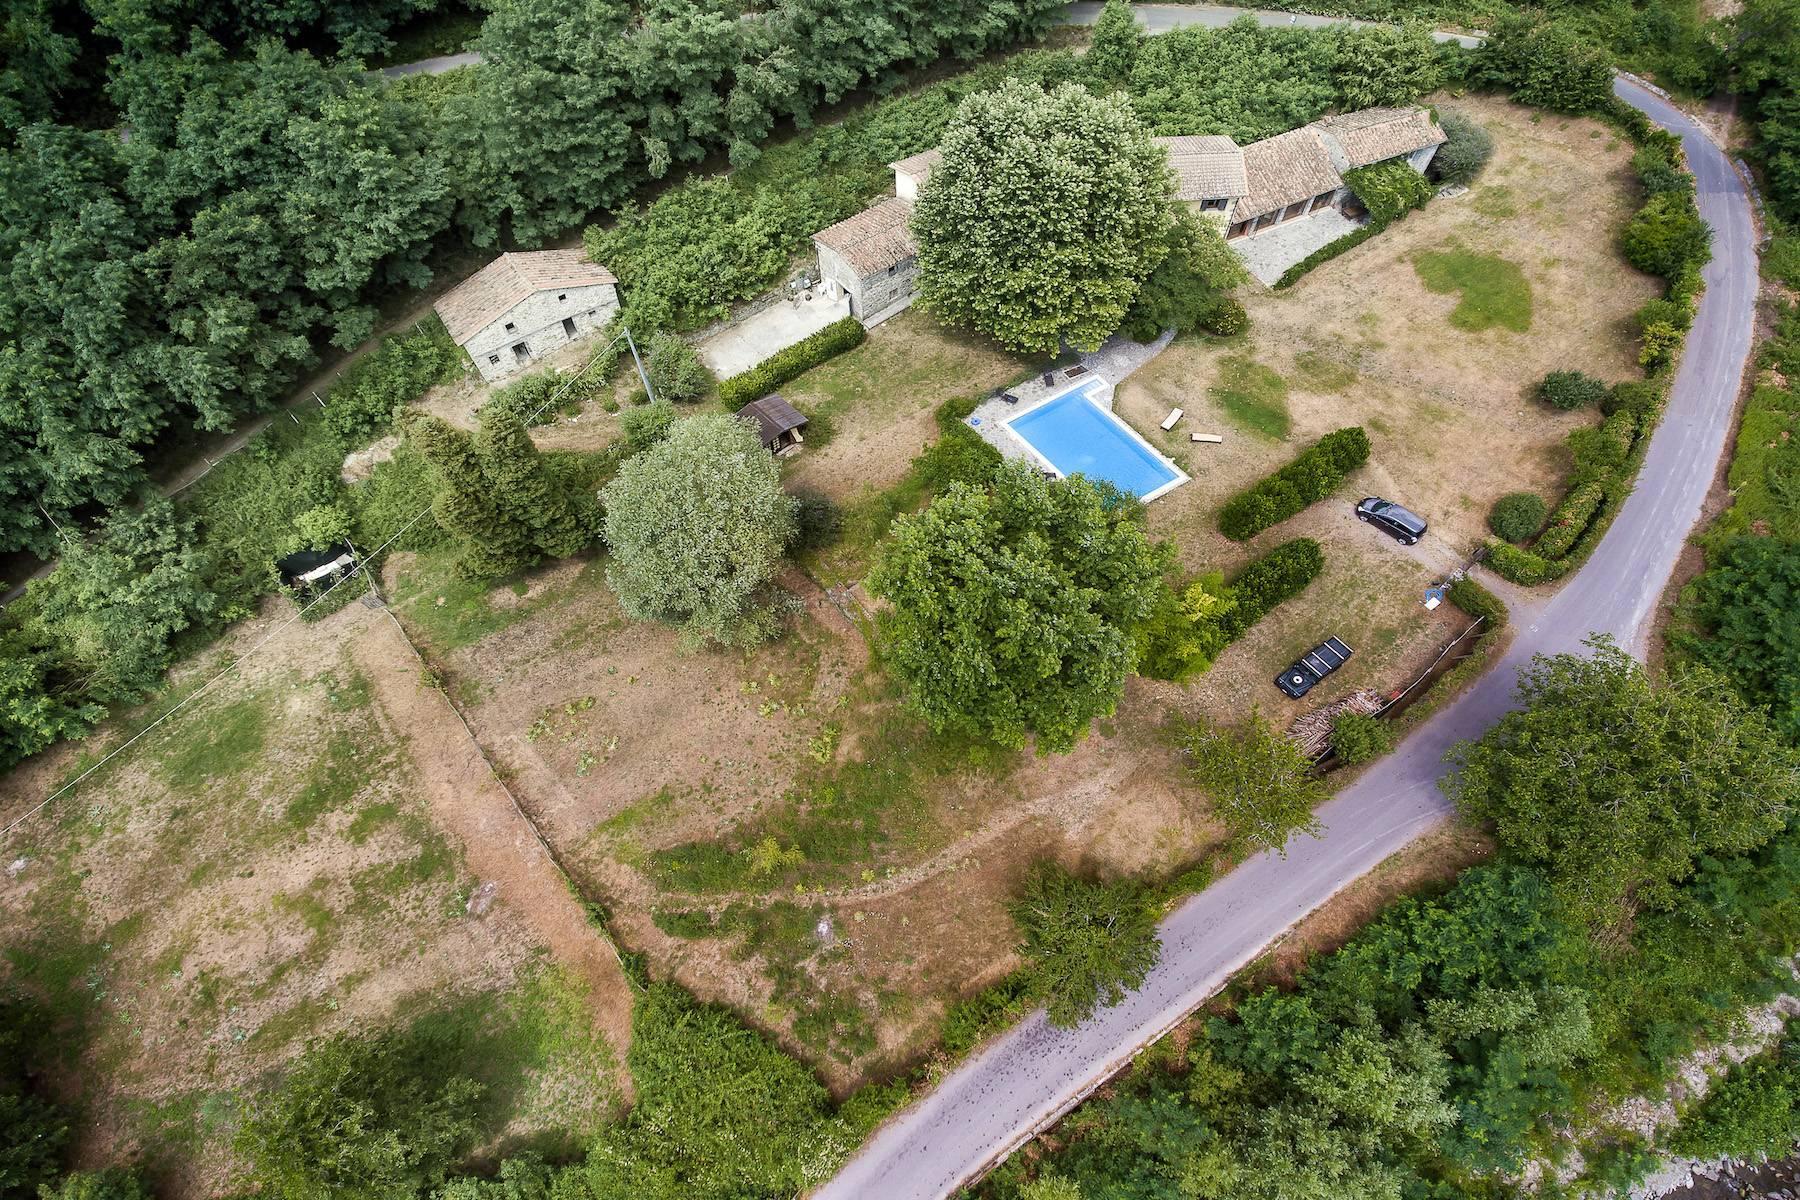 Maison de campagne enchantée sur les collines autour de Lucca - 13